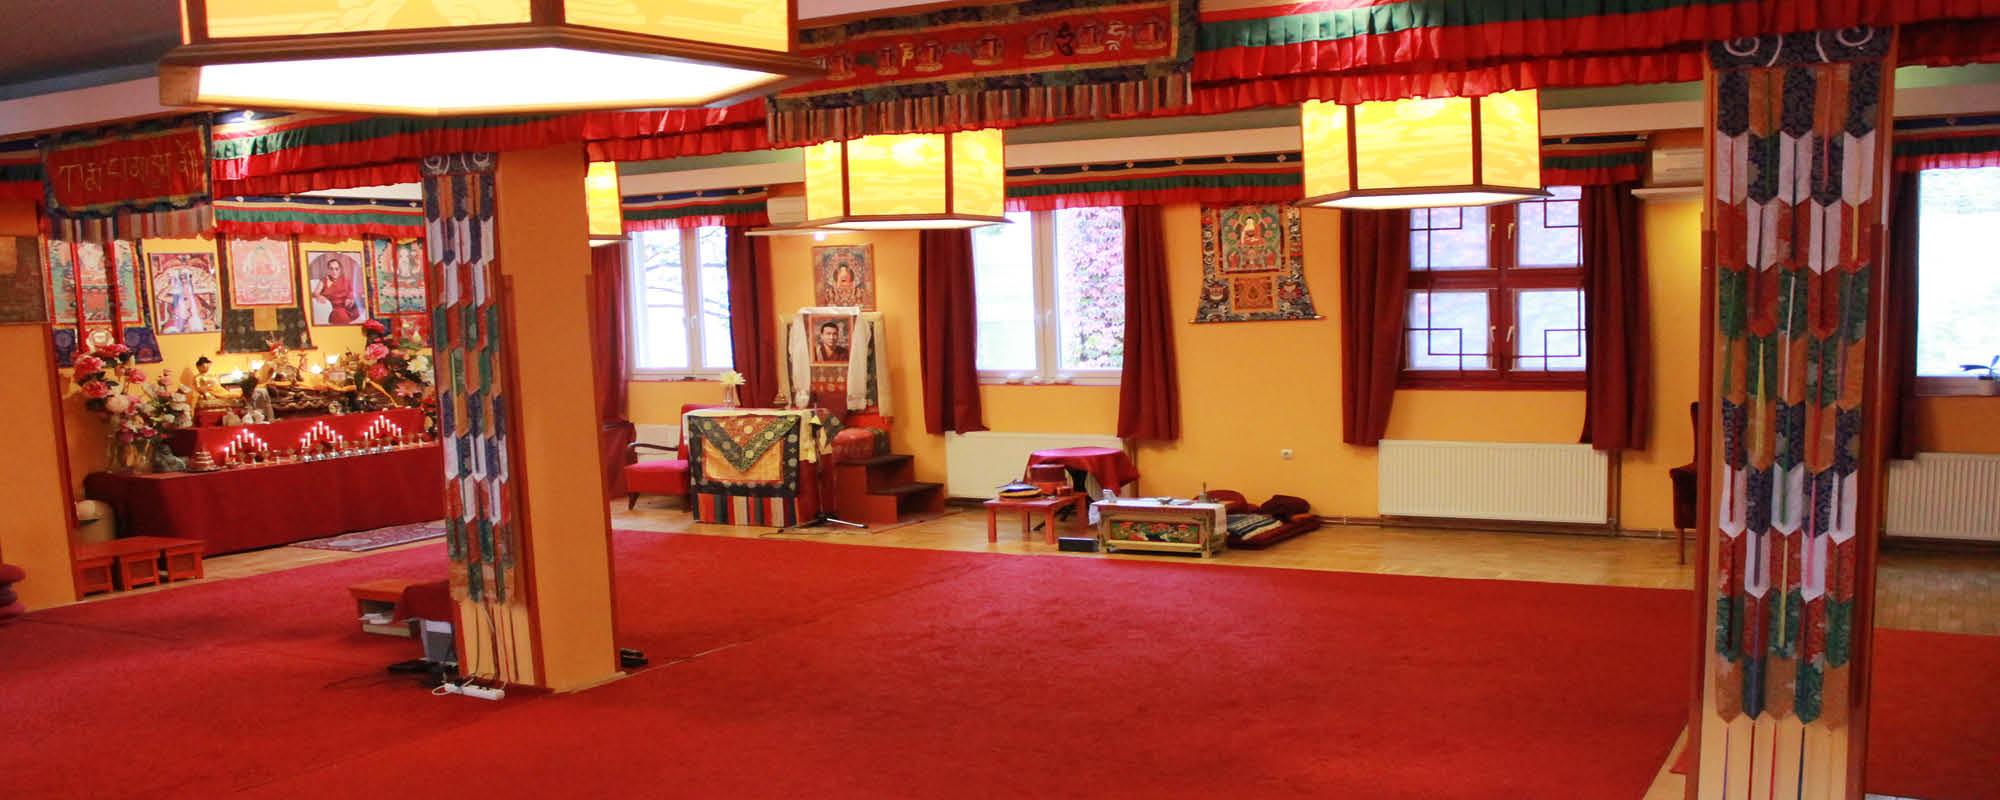 Szangha-nap a Karmapa Házban @ Karmapa Ház | Budapest | Magyarország